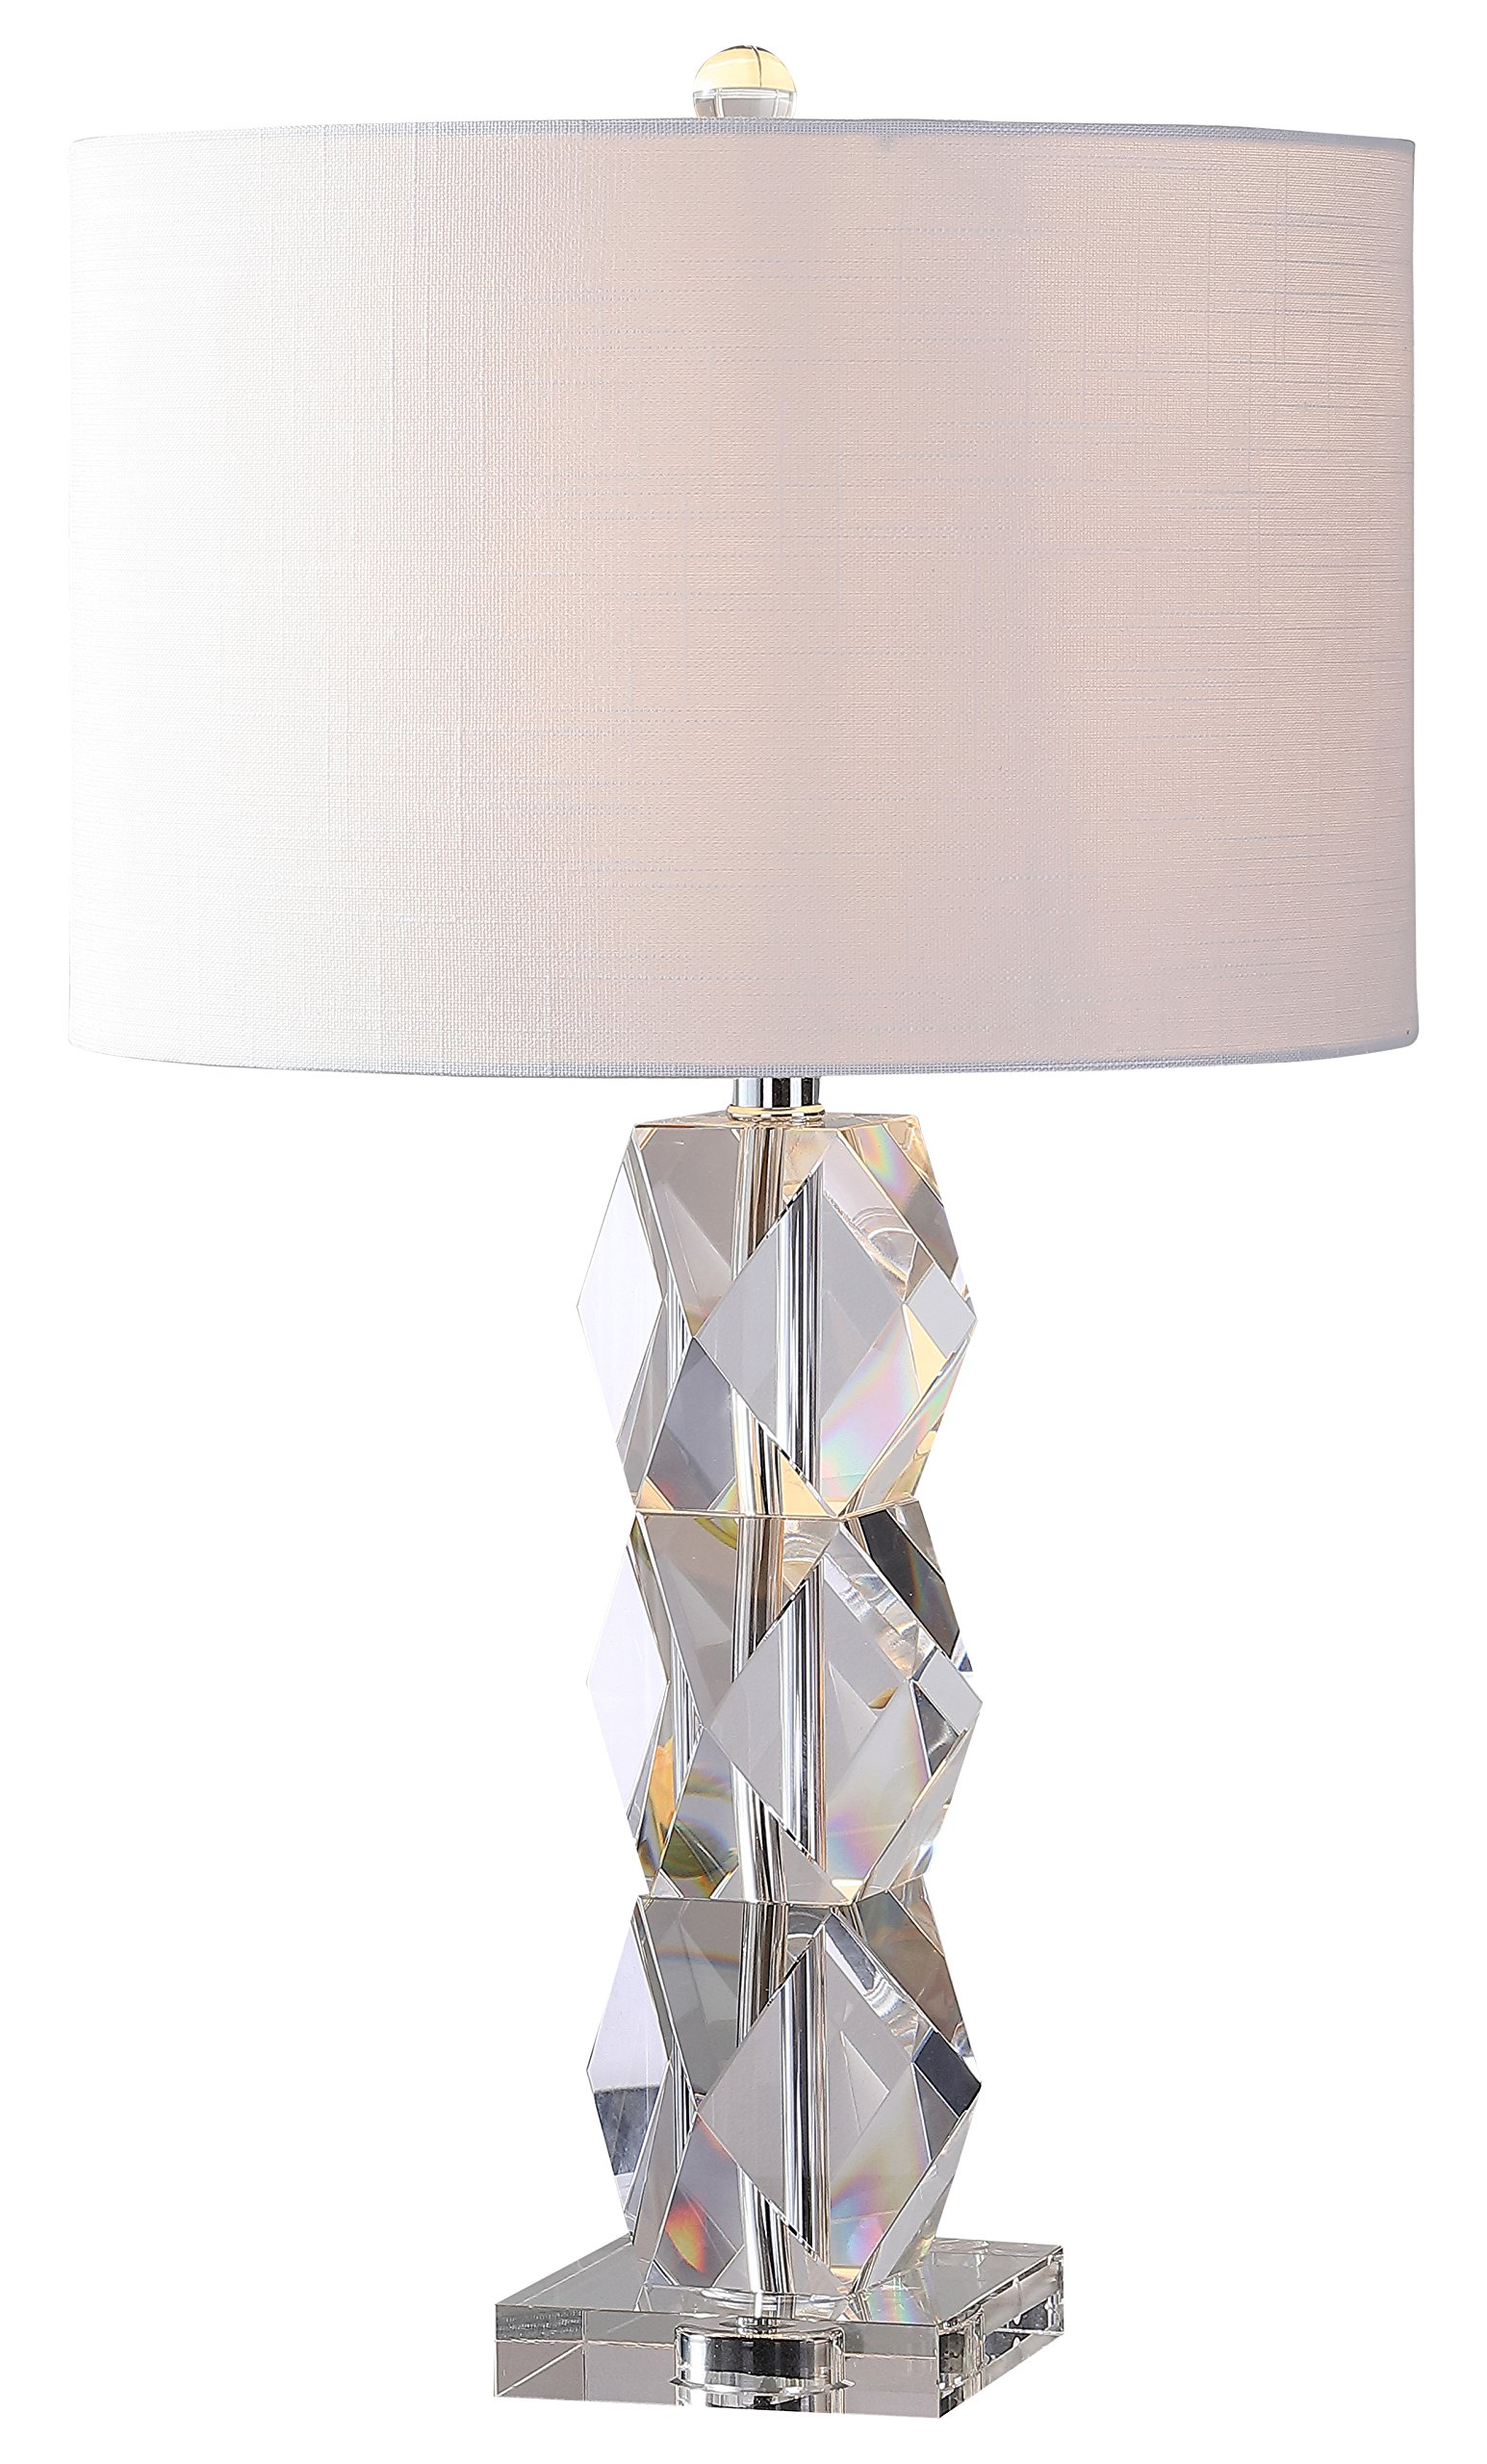 JONATHAN Y JYL5012A Sofia 26'' Crystal Table Lamp, Clear